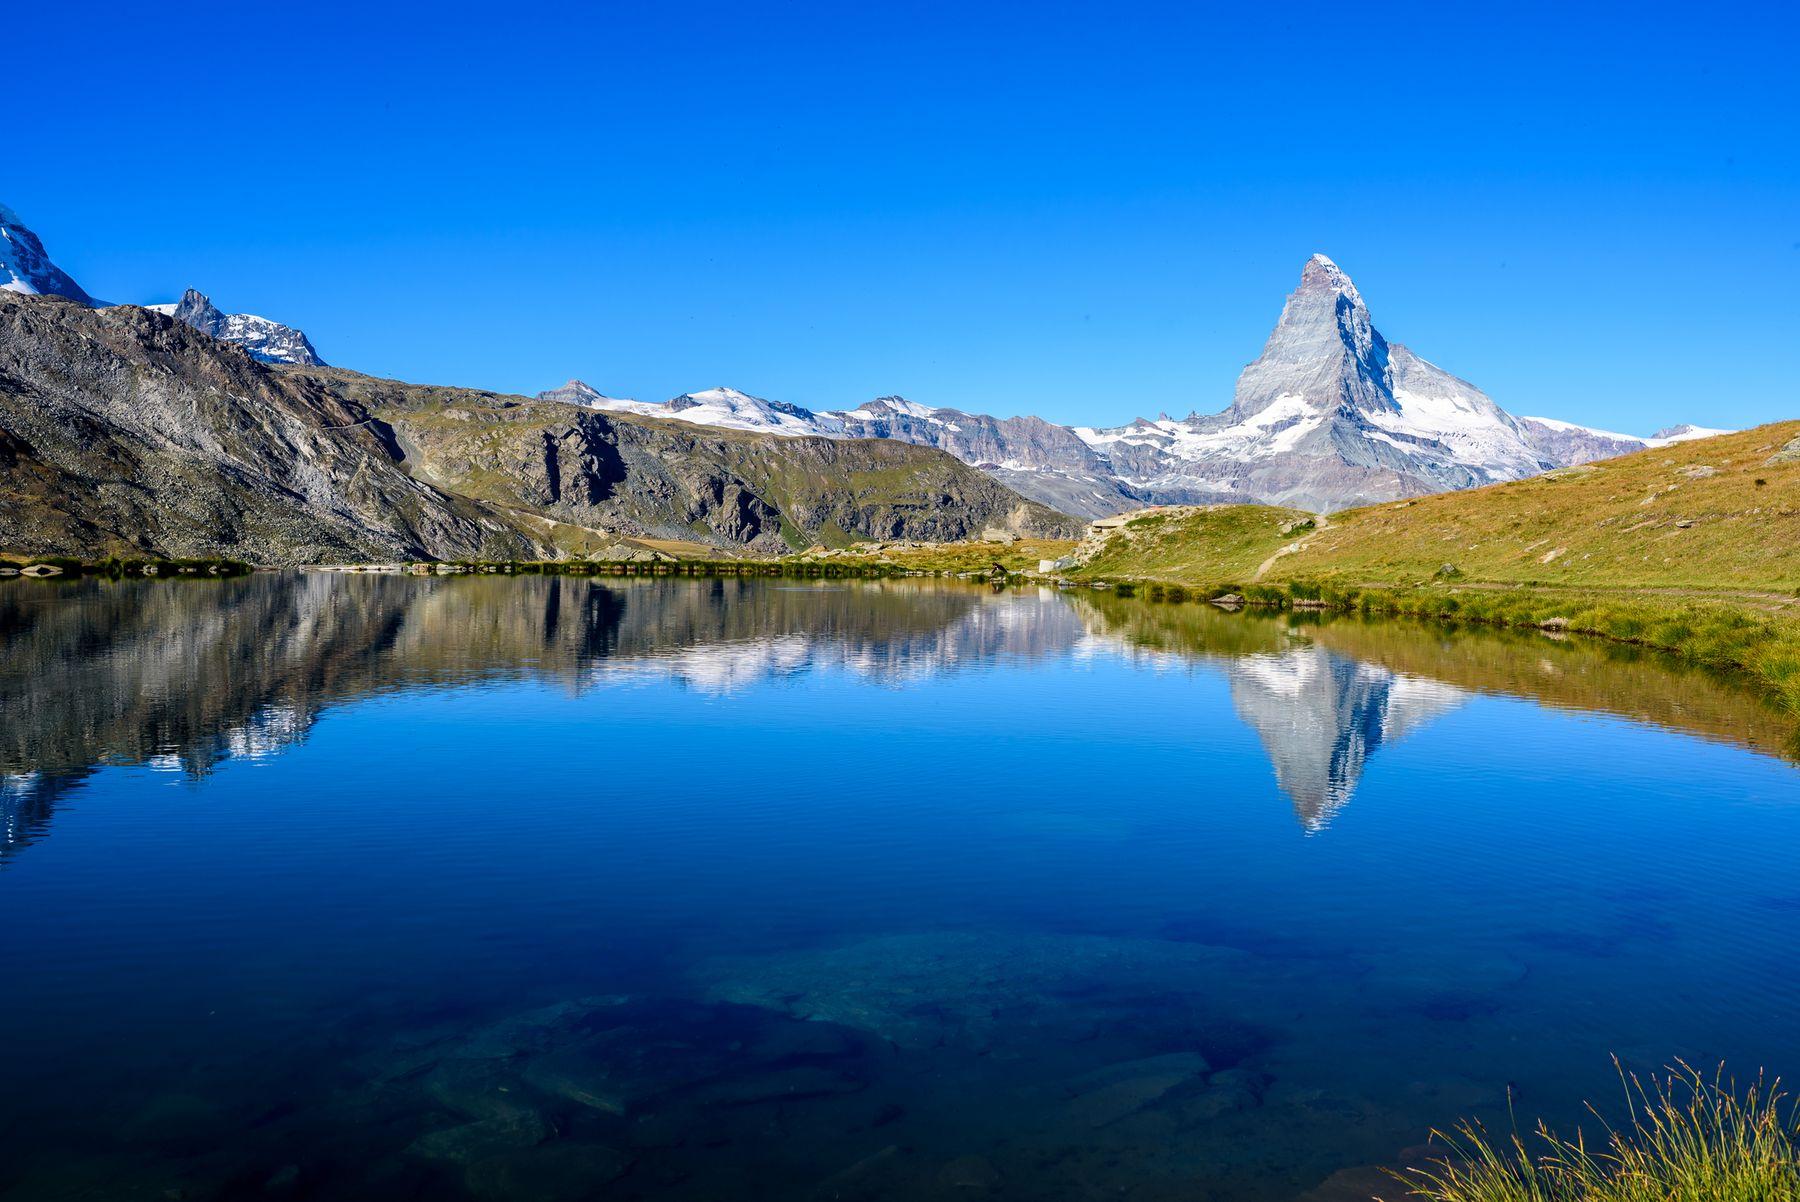 Matterhorn iStock 602309890